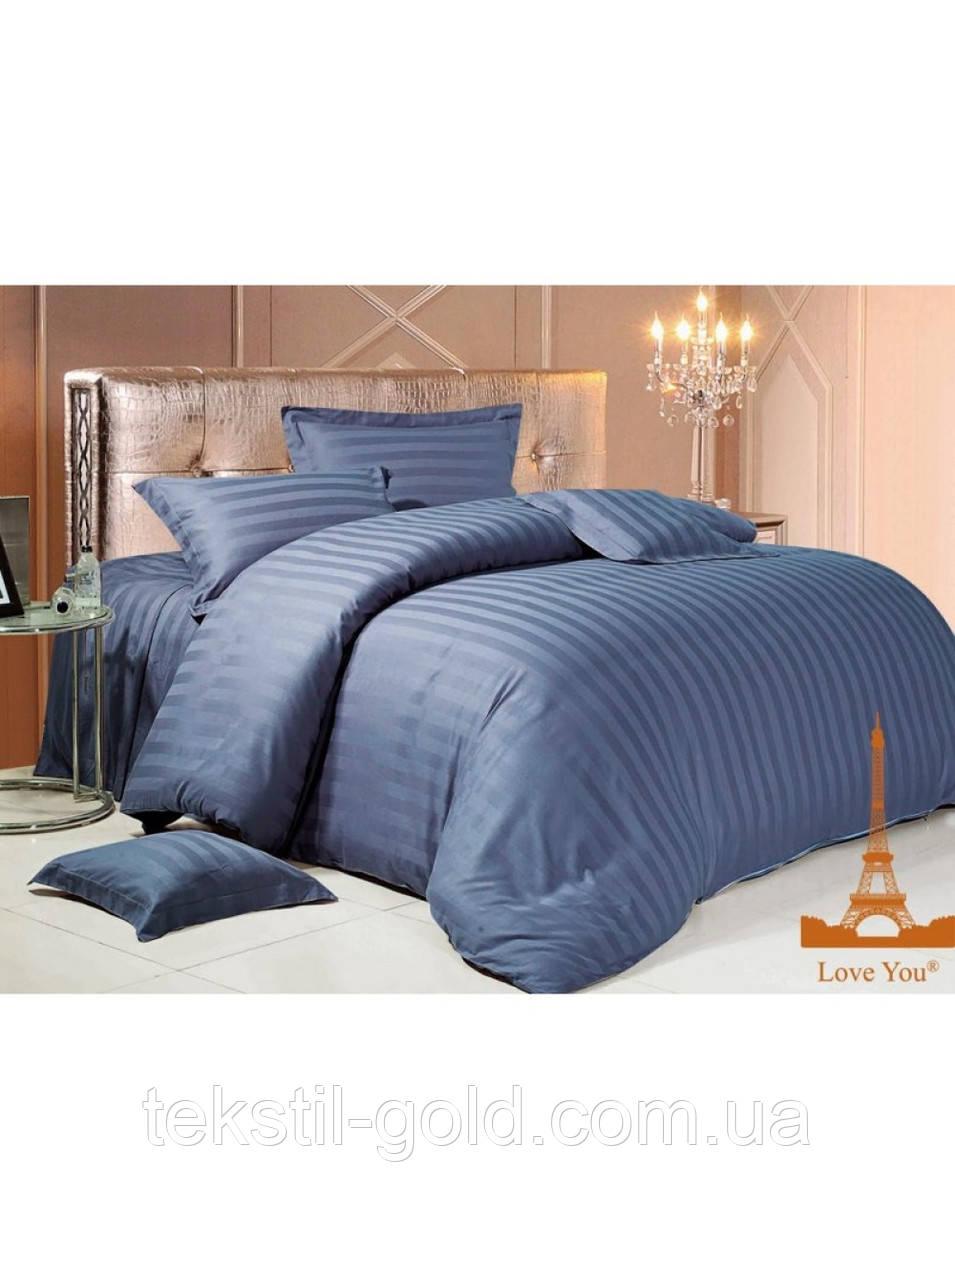 Двуспальный Комплект постельного белья ТМ KRIS-POL (Украина) Страйп-сатин темн. синий